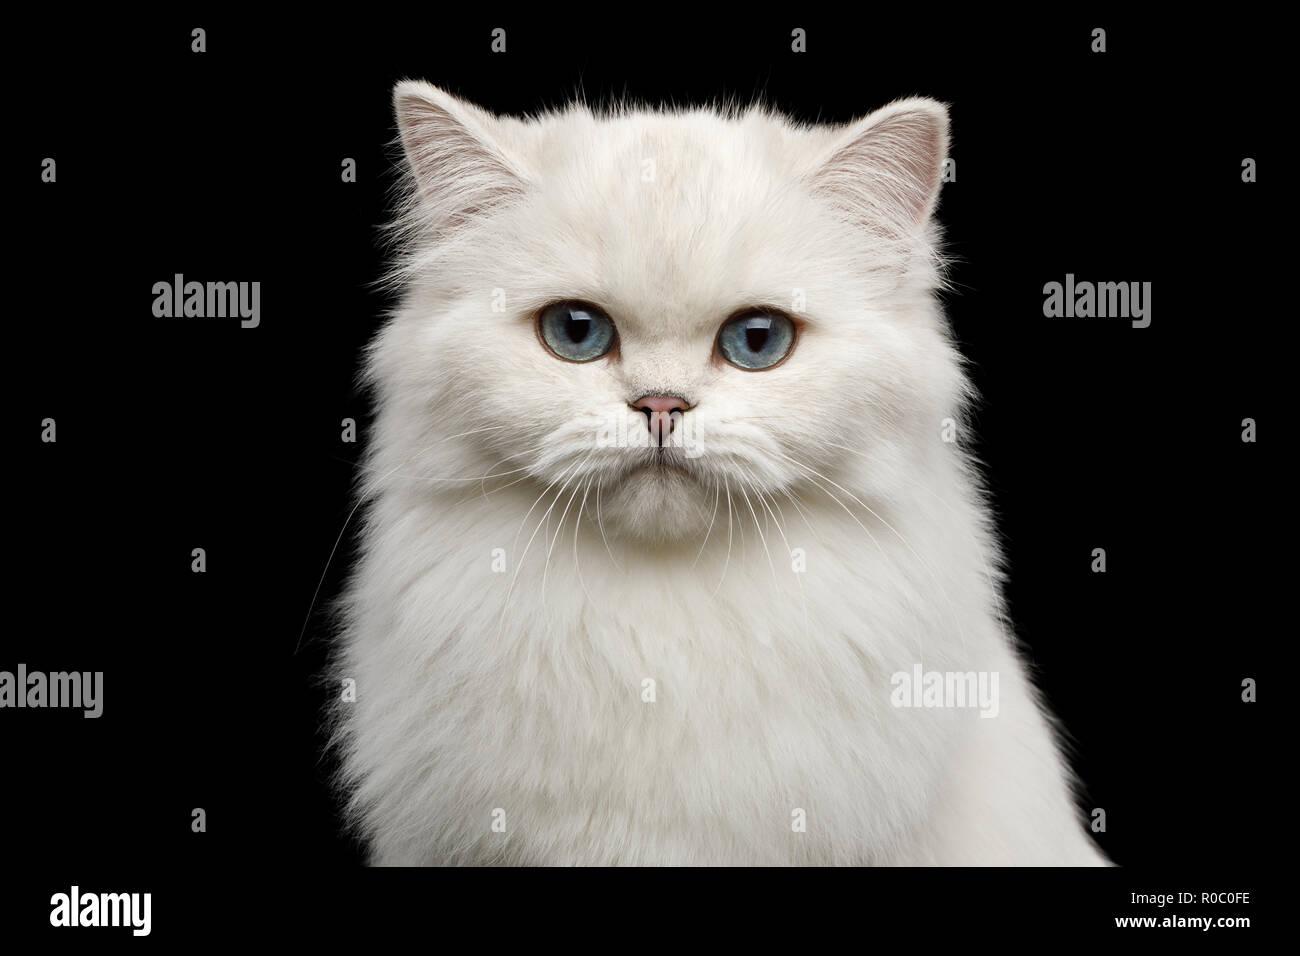 Porträt der britischen Rasse Katze, reine Farbe Weiß mit blauen Augen, die Kamera auf Isolierte schwarze Hintergrund, Vorderansicht Stockbild